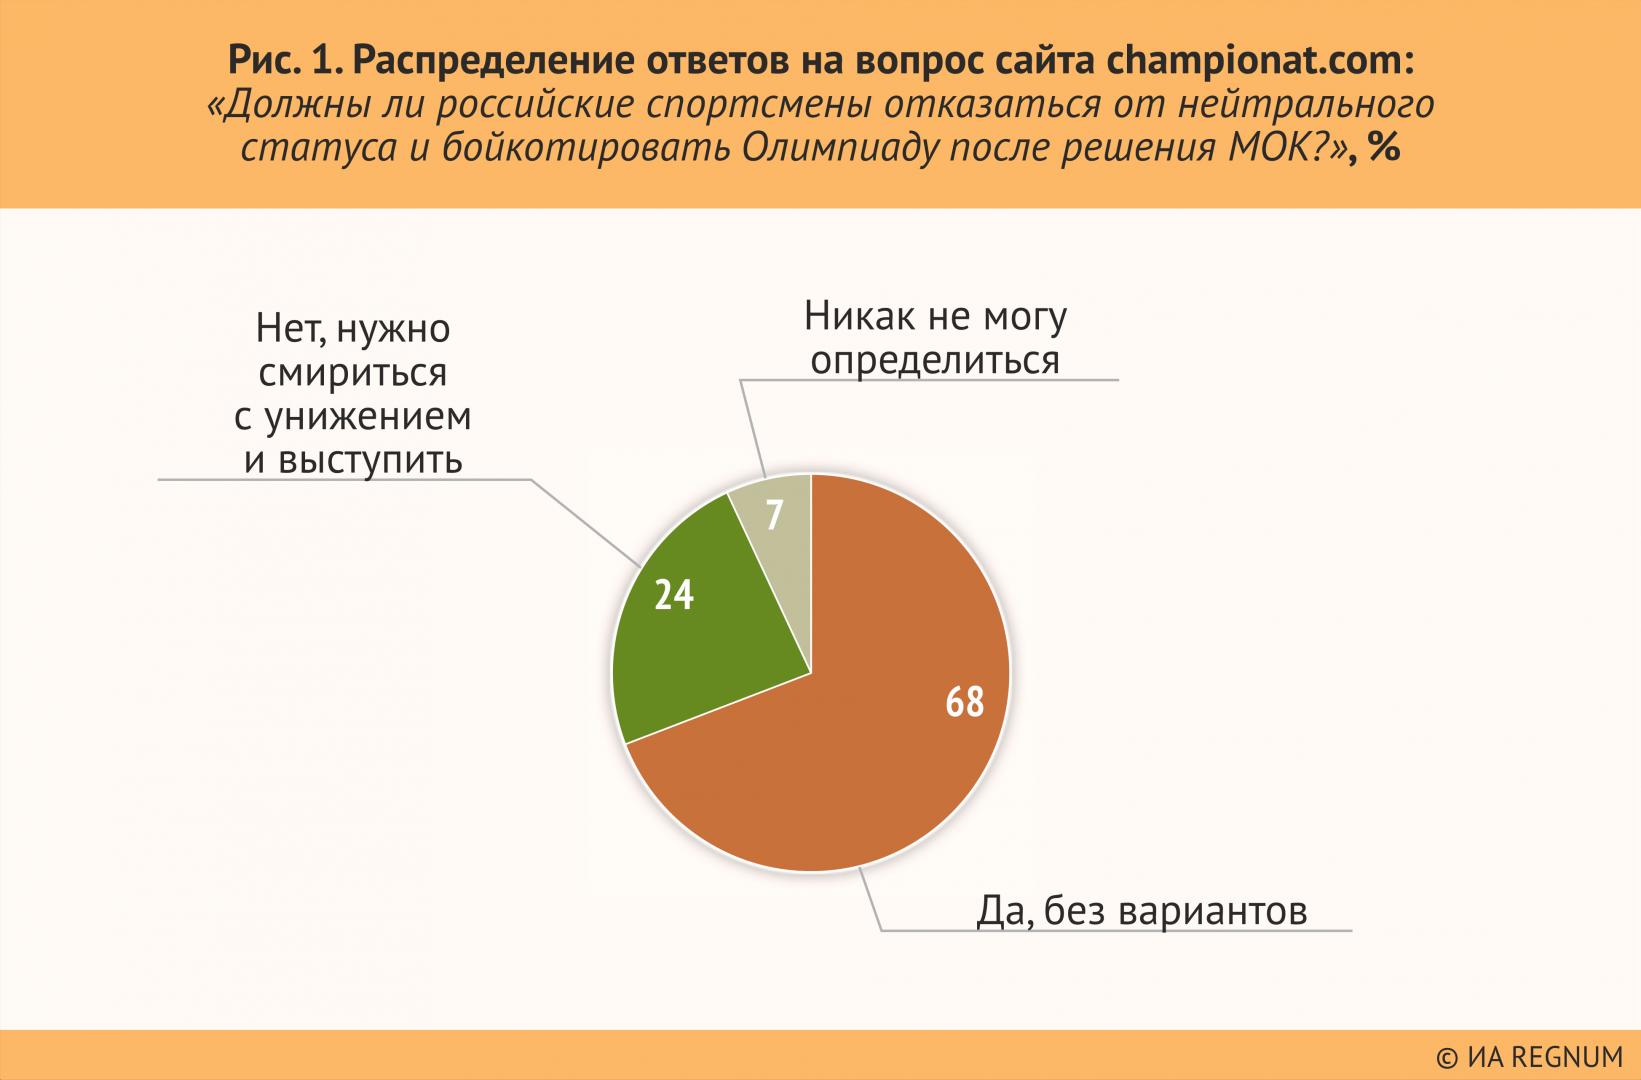 Рисунок 1. Распределение ответов на вопрос сайта championat.com: «Должны ли российские спортсмены отказаться от нейтрального статуса и бойкотировать Олимпиаду после решения МОК?», %